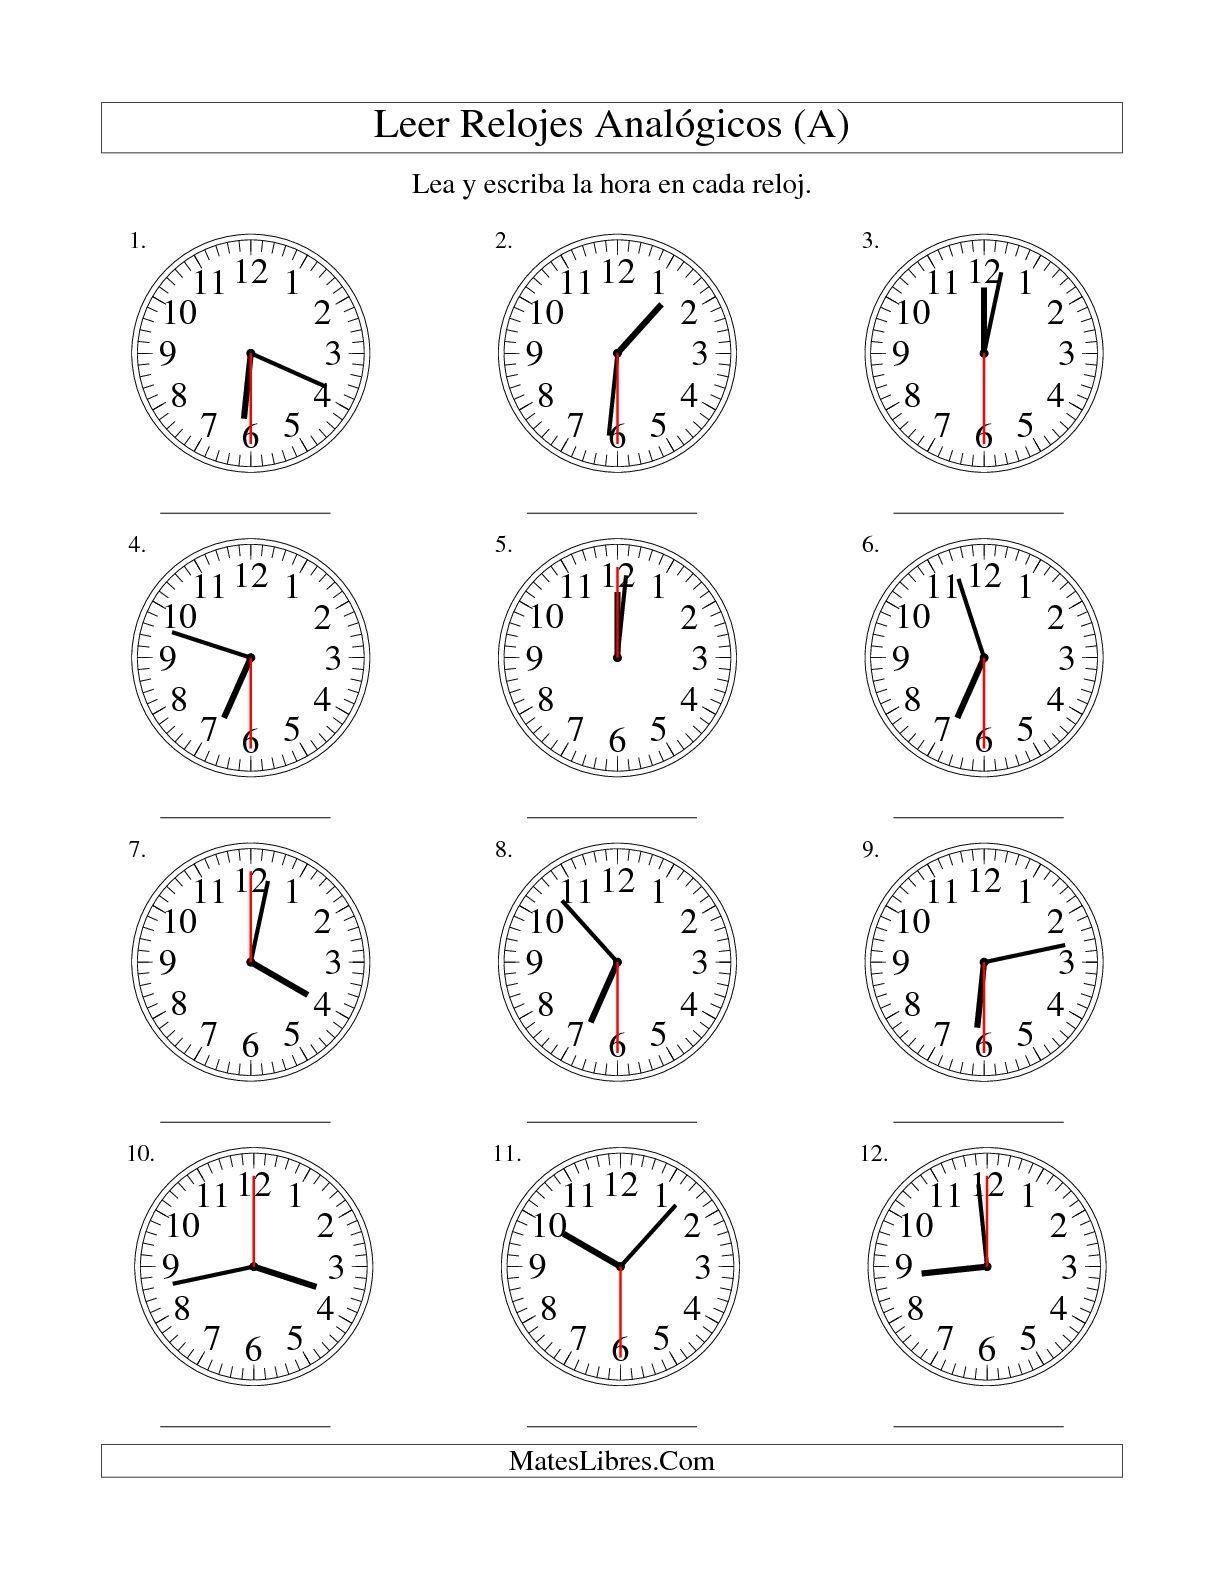 La Hora - Lessons - Tes Teach